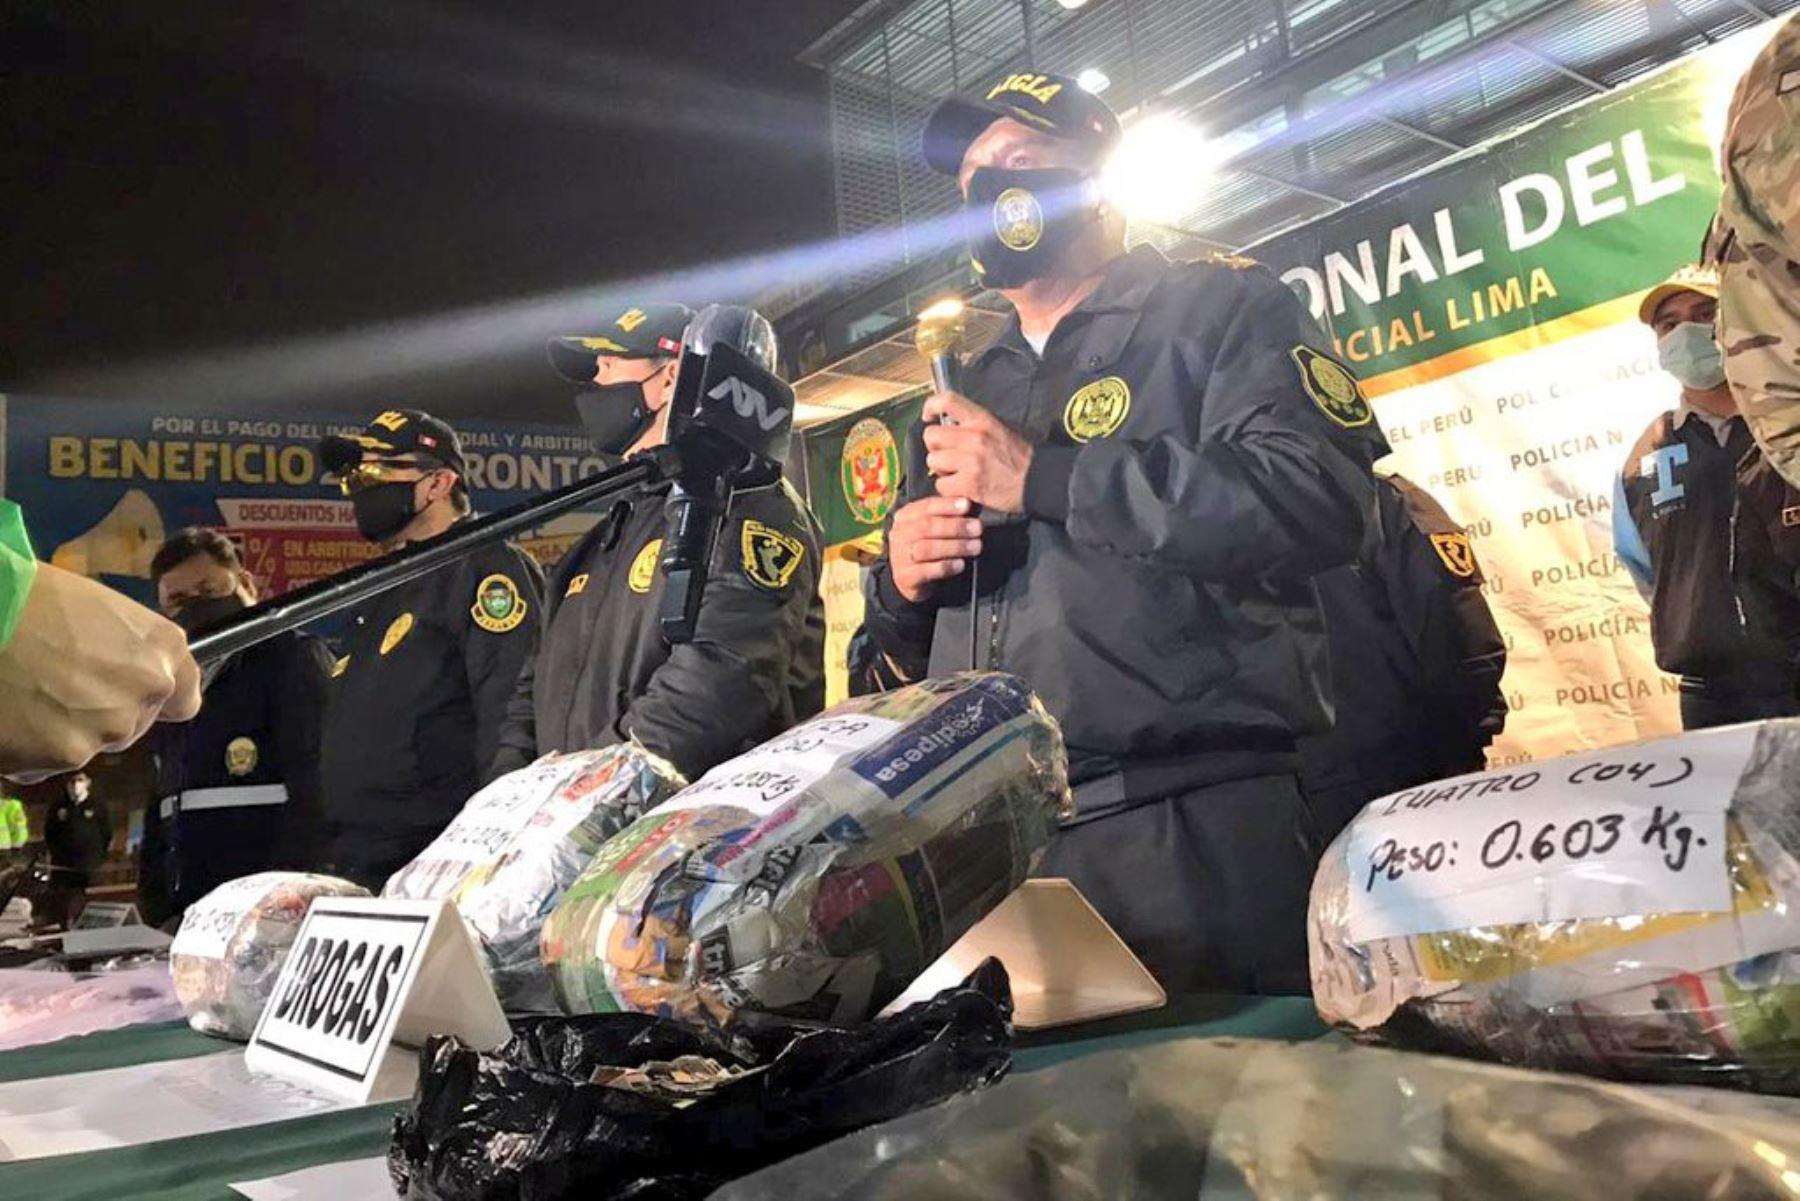 """Comandante general Orlando Velasco Mujica,presenta material incautado en  el mega operativo policial """"Fortaleza 2020"""", ejecutado en los diferentes distritos de la capital.  Foto: Policía Nacional del Perú"""